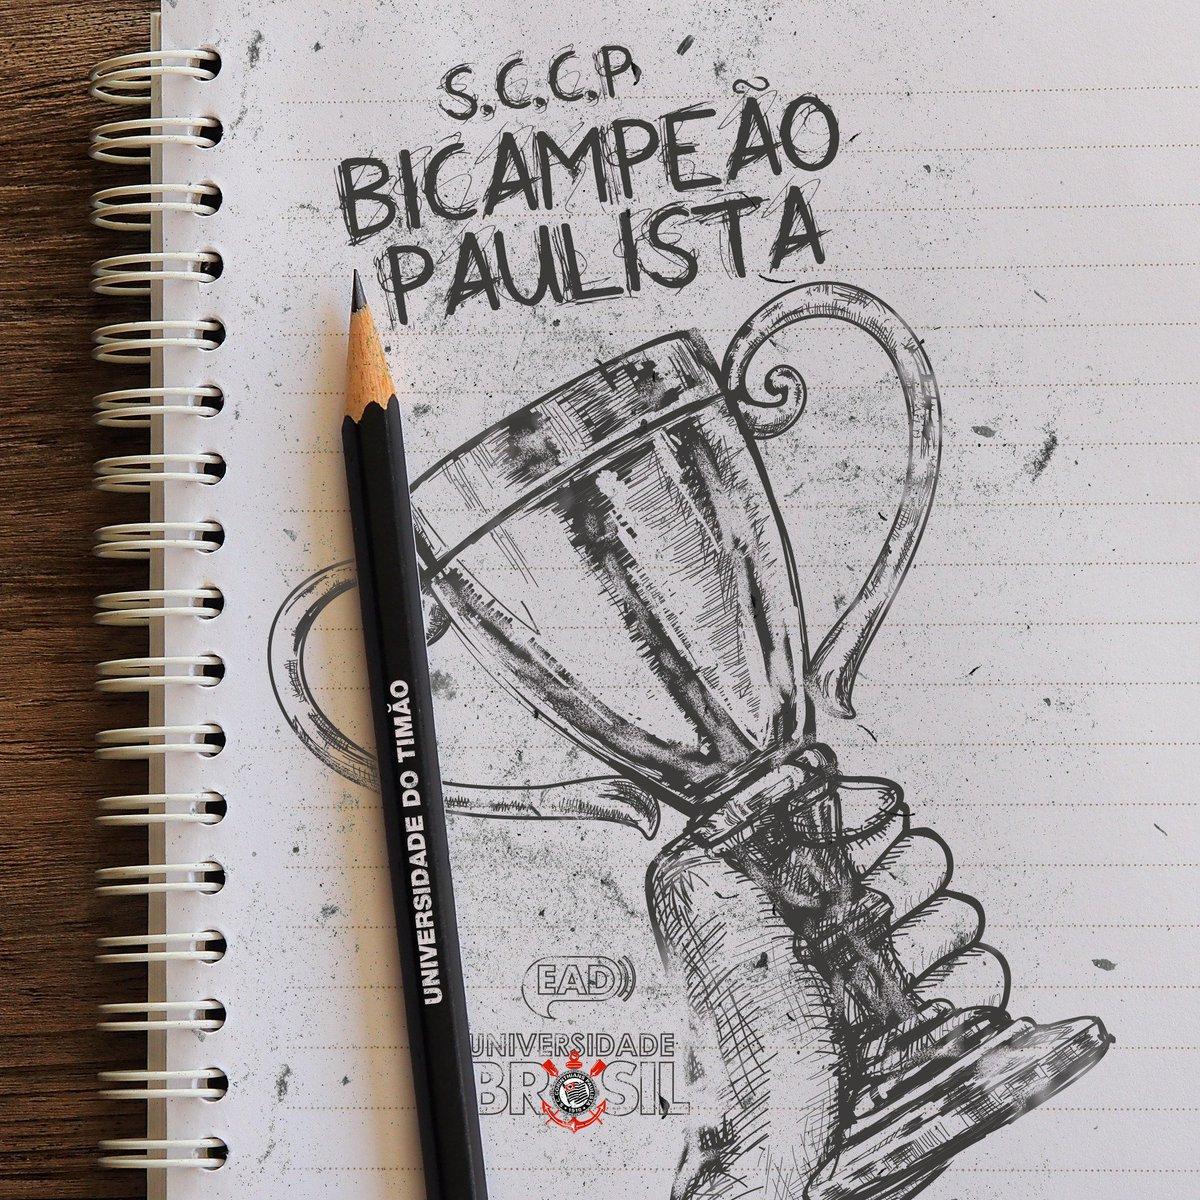 Parabéns, Corinthians!   Bicampeão paulista fora de casa, apresentando sua tradicional raça e superação para alegria do bando de loucos. A Universidade Brasil é #EsporteComEducação e vibra a cada conquista corintiana!    #Timão